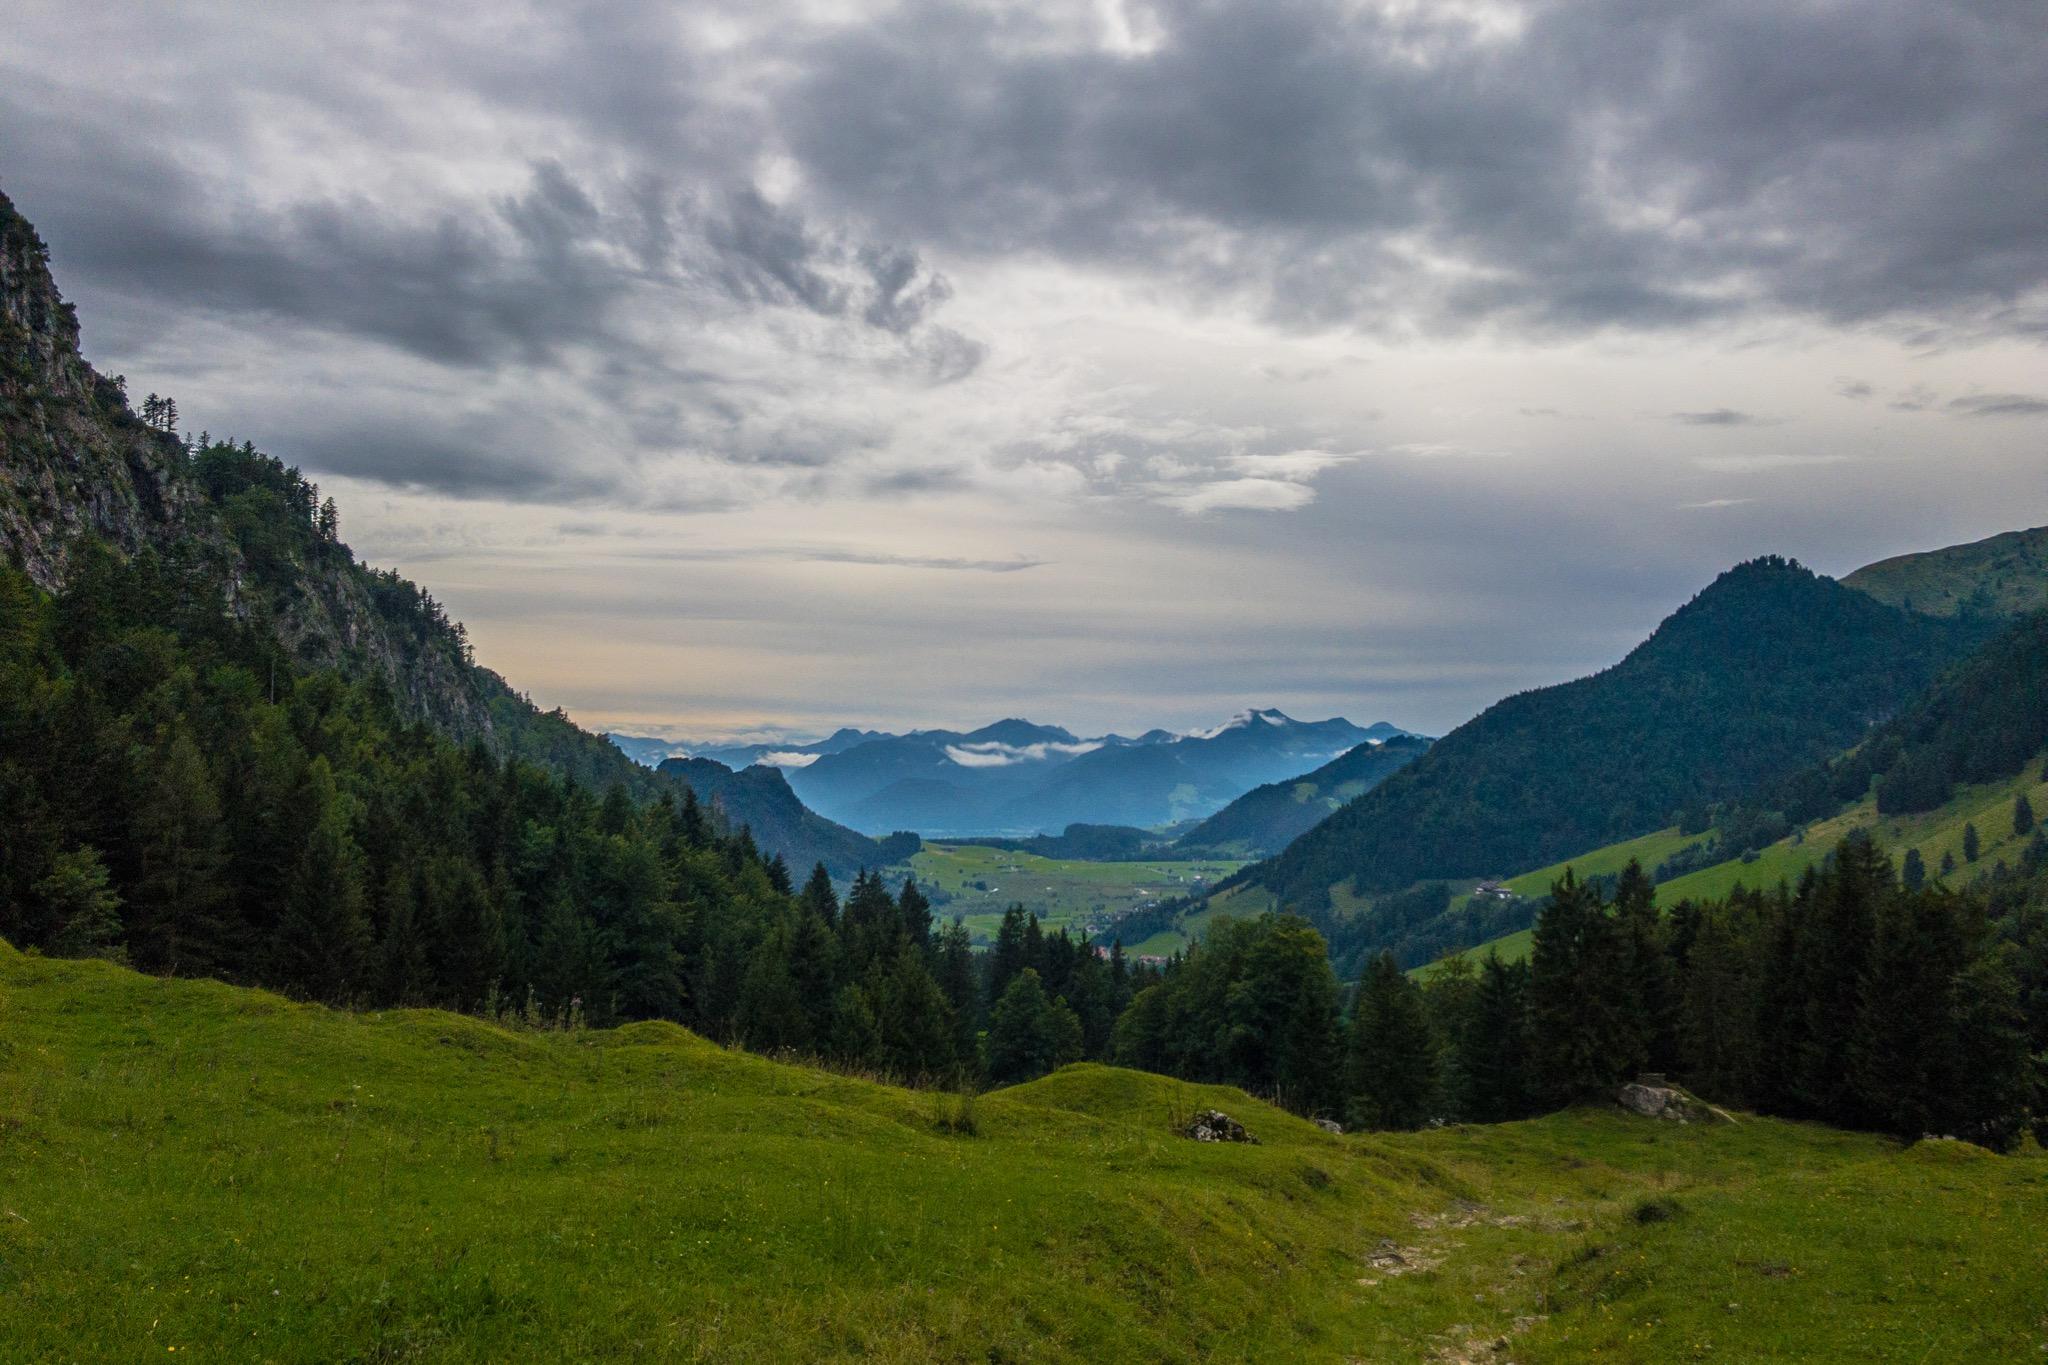 Klettersteig Chiemgau : Harauer spitze: der direttissima klettersteig für hartgesottene